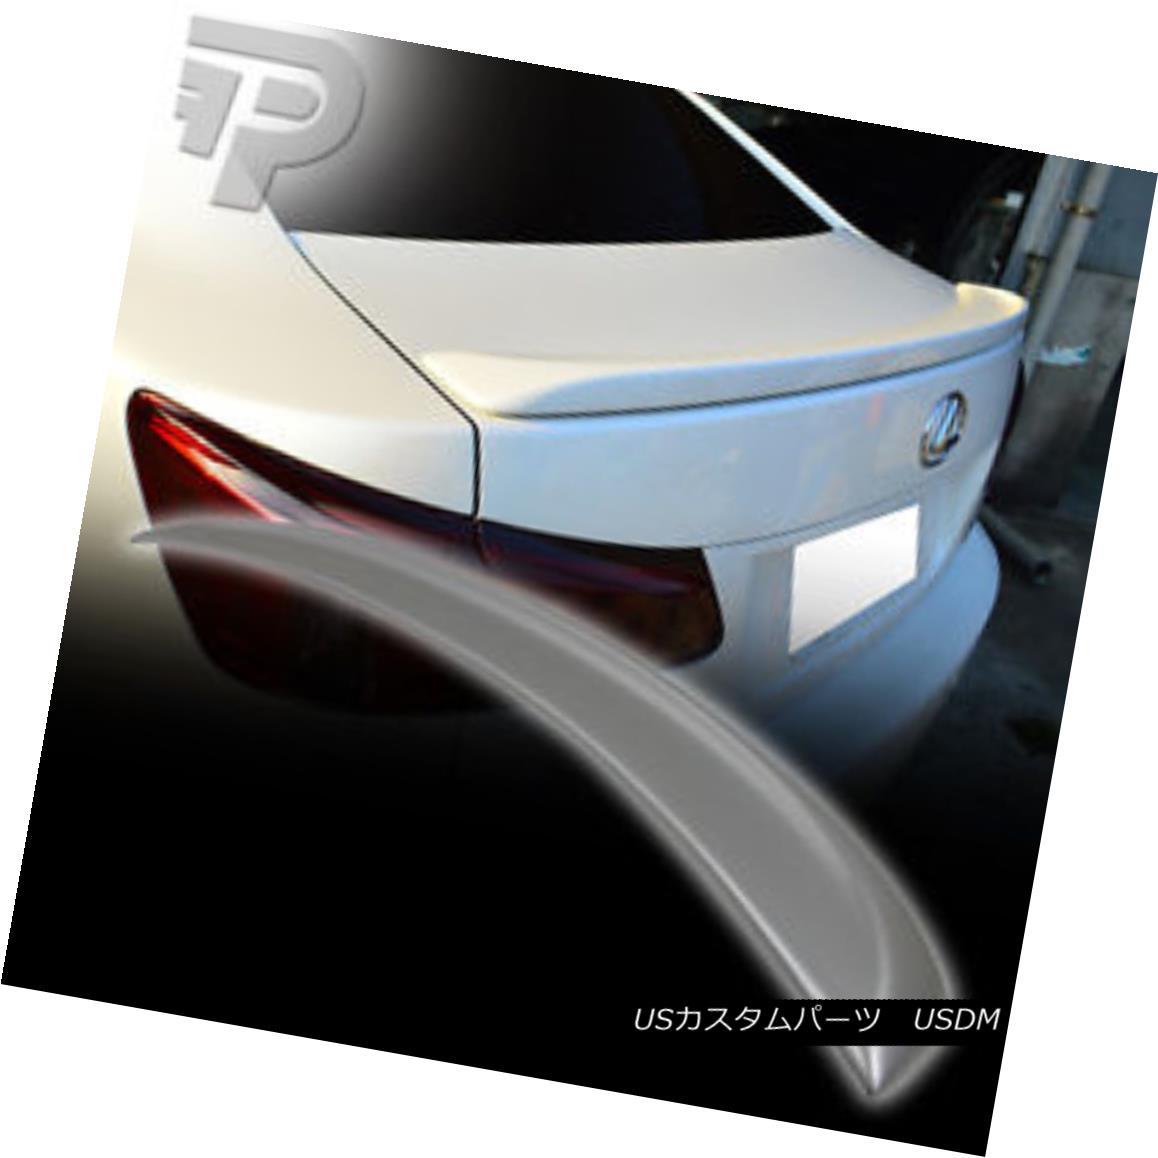 エアロパーツ Rear パーツ Painted 車用品 For Lexus Is250 Spoiler